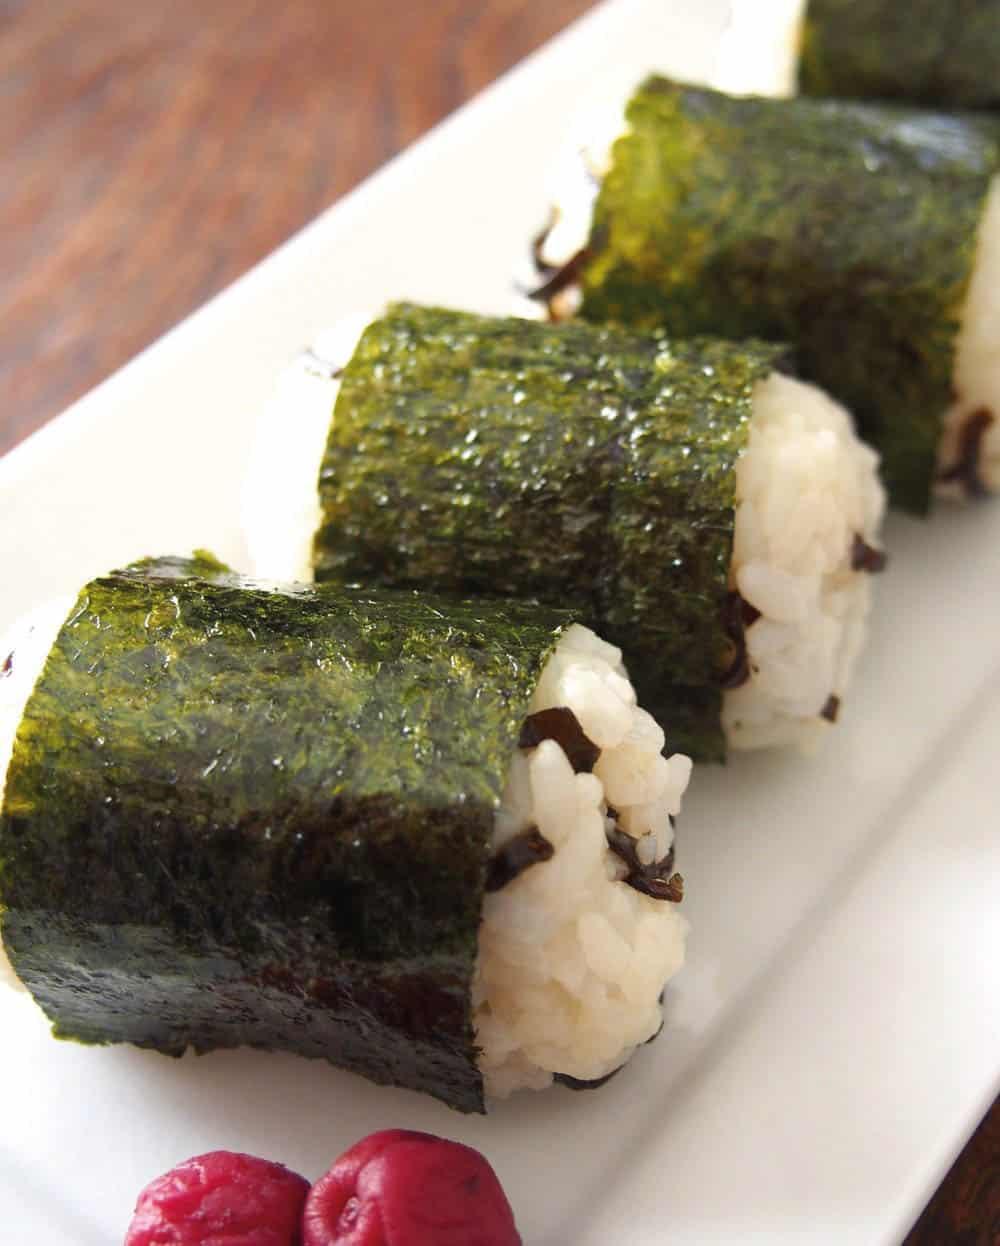 ชิโอะคอมบุโอนิกิริ ข้าวปั้นทรงถุงใส่ข้าวสารญี่ปุ่นผสมสาหร่ายดองเกลือ ของ จ.โอซาก้า